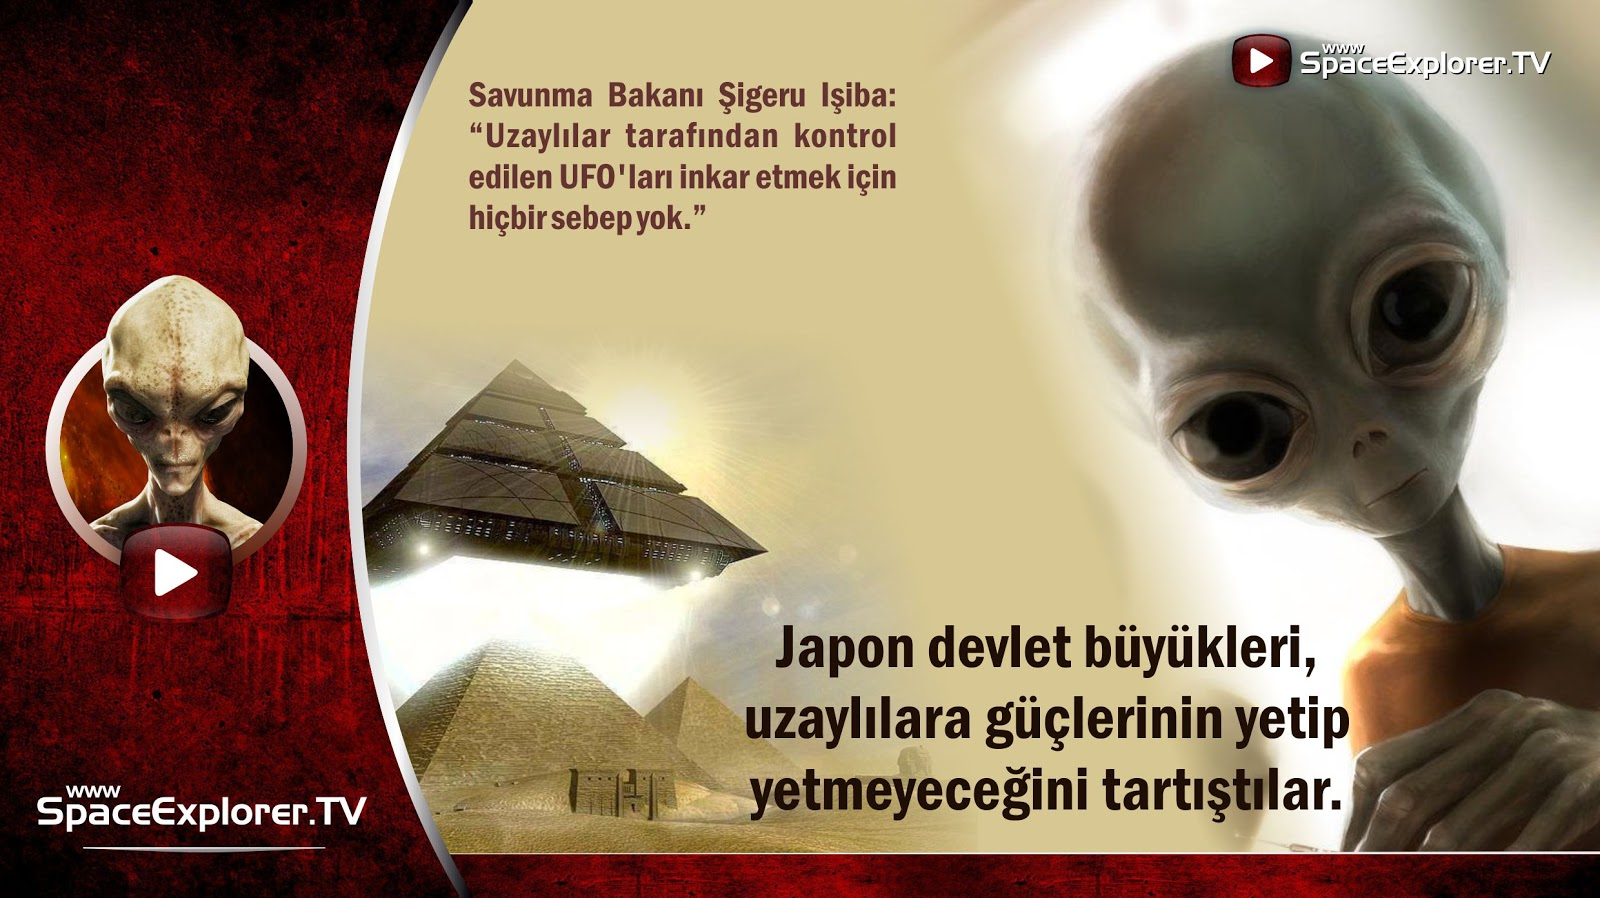 UFO, Uzaylılar, Japonya, Küçük tuhaf adamlar, Küçük yeşil adamlar, Tanımlanamayan uçan nesne, NASA neden gizliyor, Uzayda hayat var mı?, Evrende yalnız mıyız?,